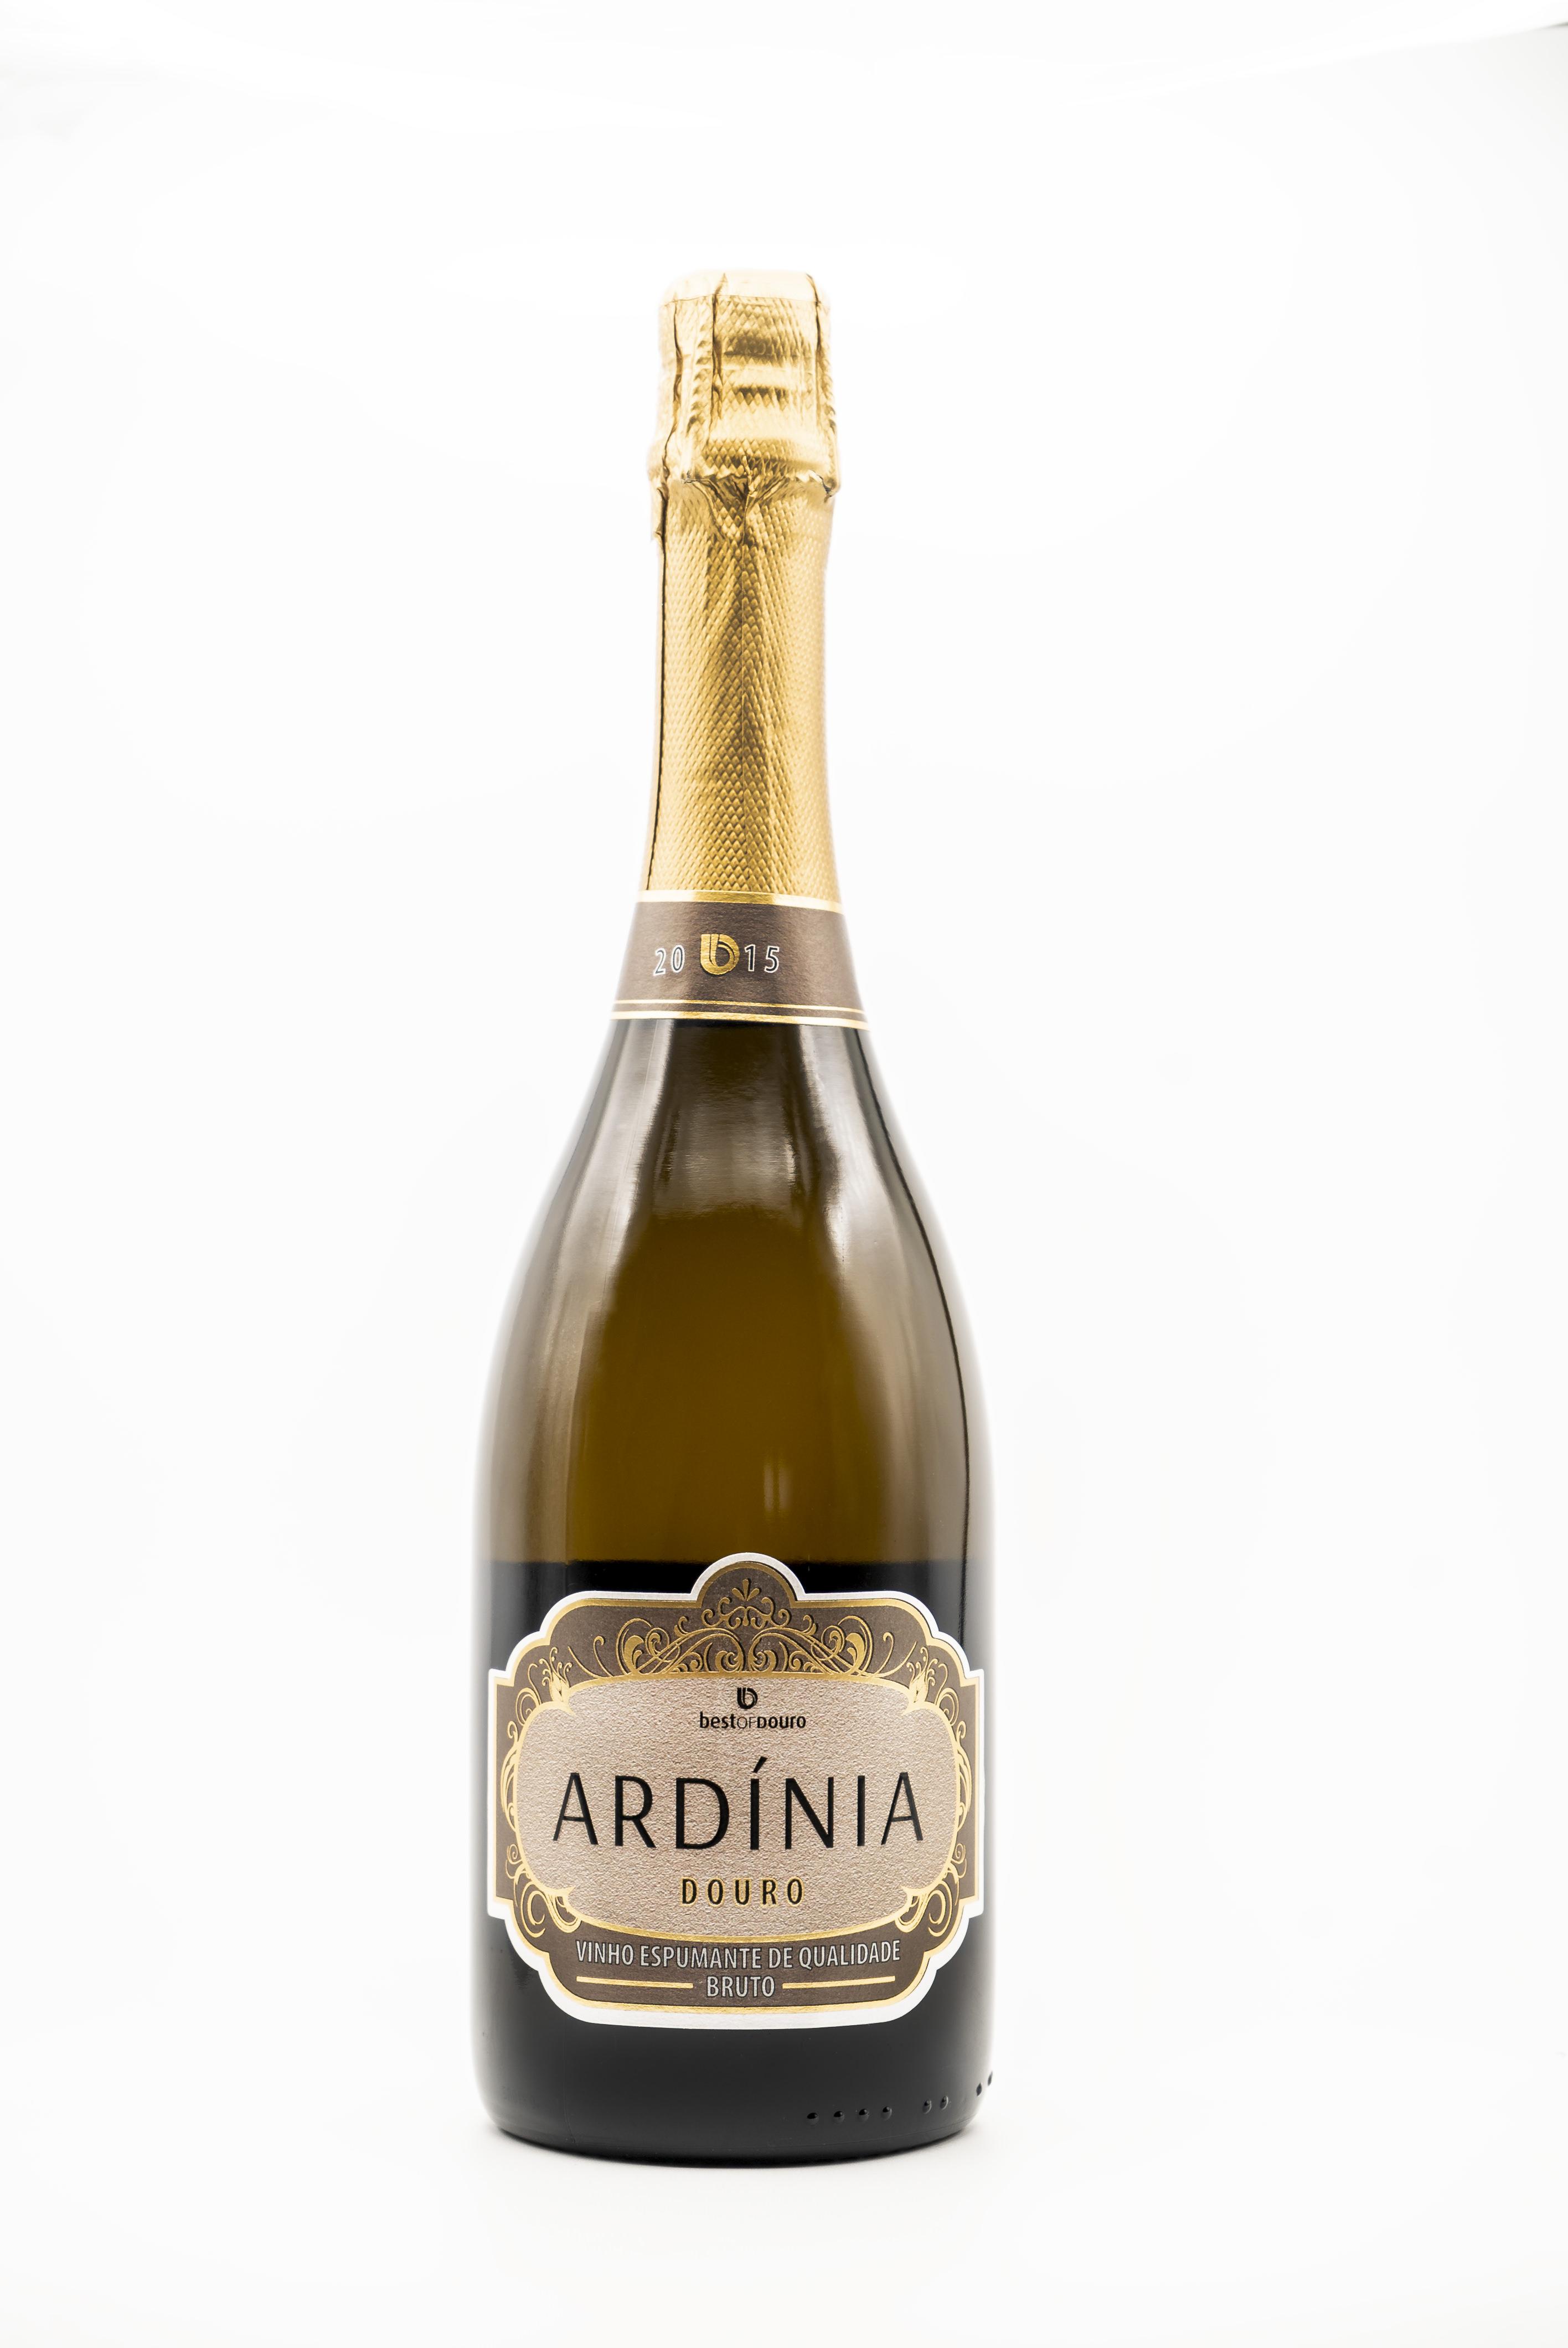 Best of Douro - Ardinia Vinho Espumante Douro DOC